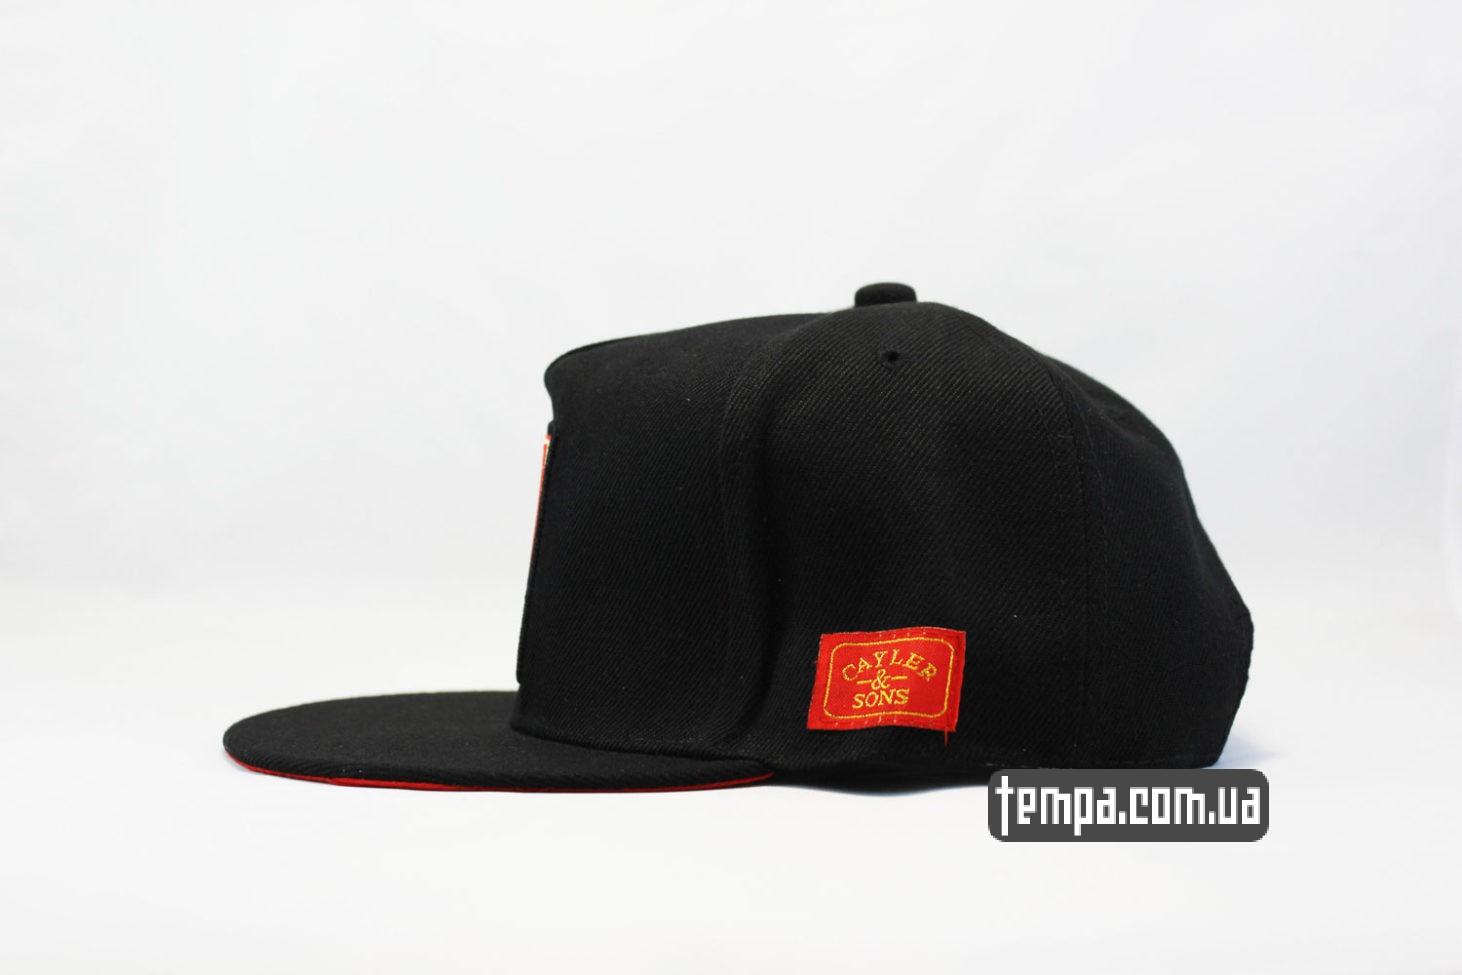 оригинальная реперская одежда кепка snapback LEGALIZE Cayler Sons купить Украина